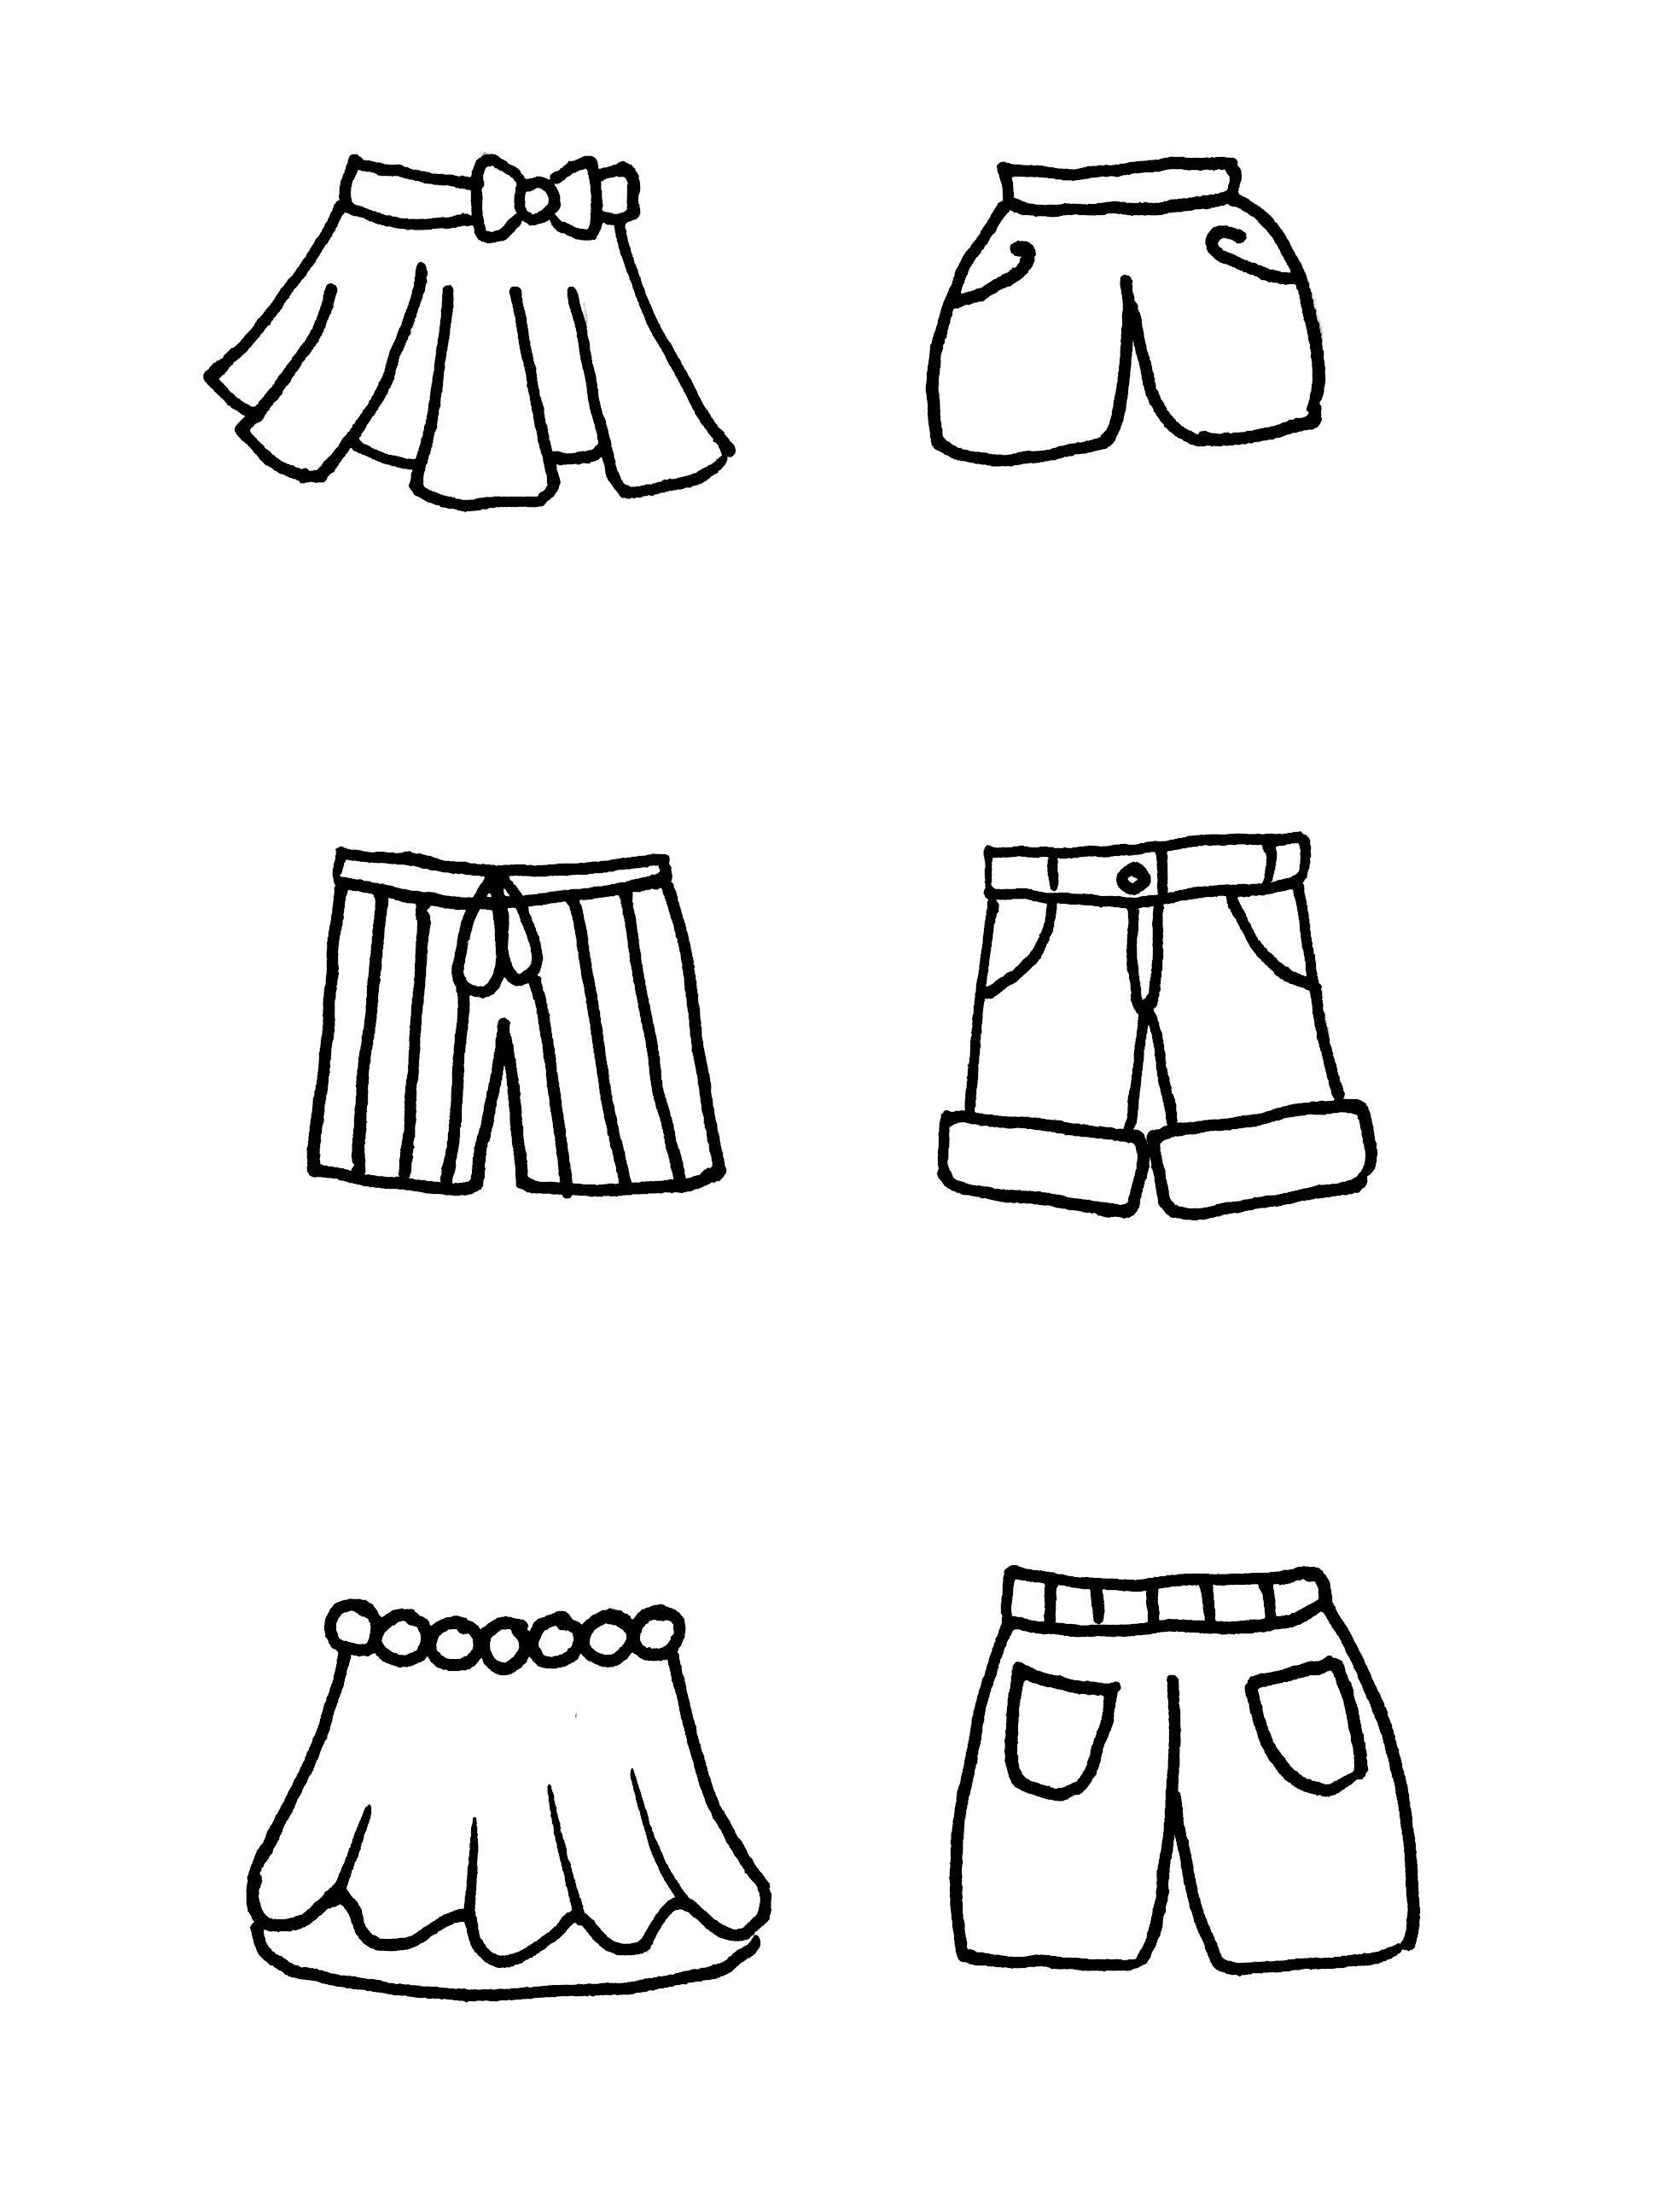 热乎乎的 原创卡通服装衣服简笔画卡通画手账素材来啦 作者